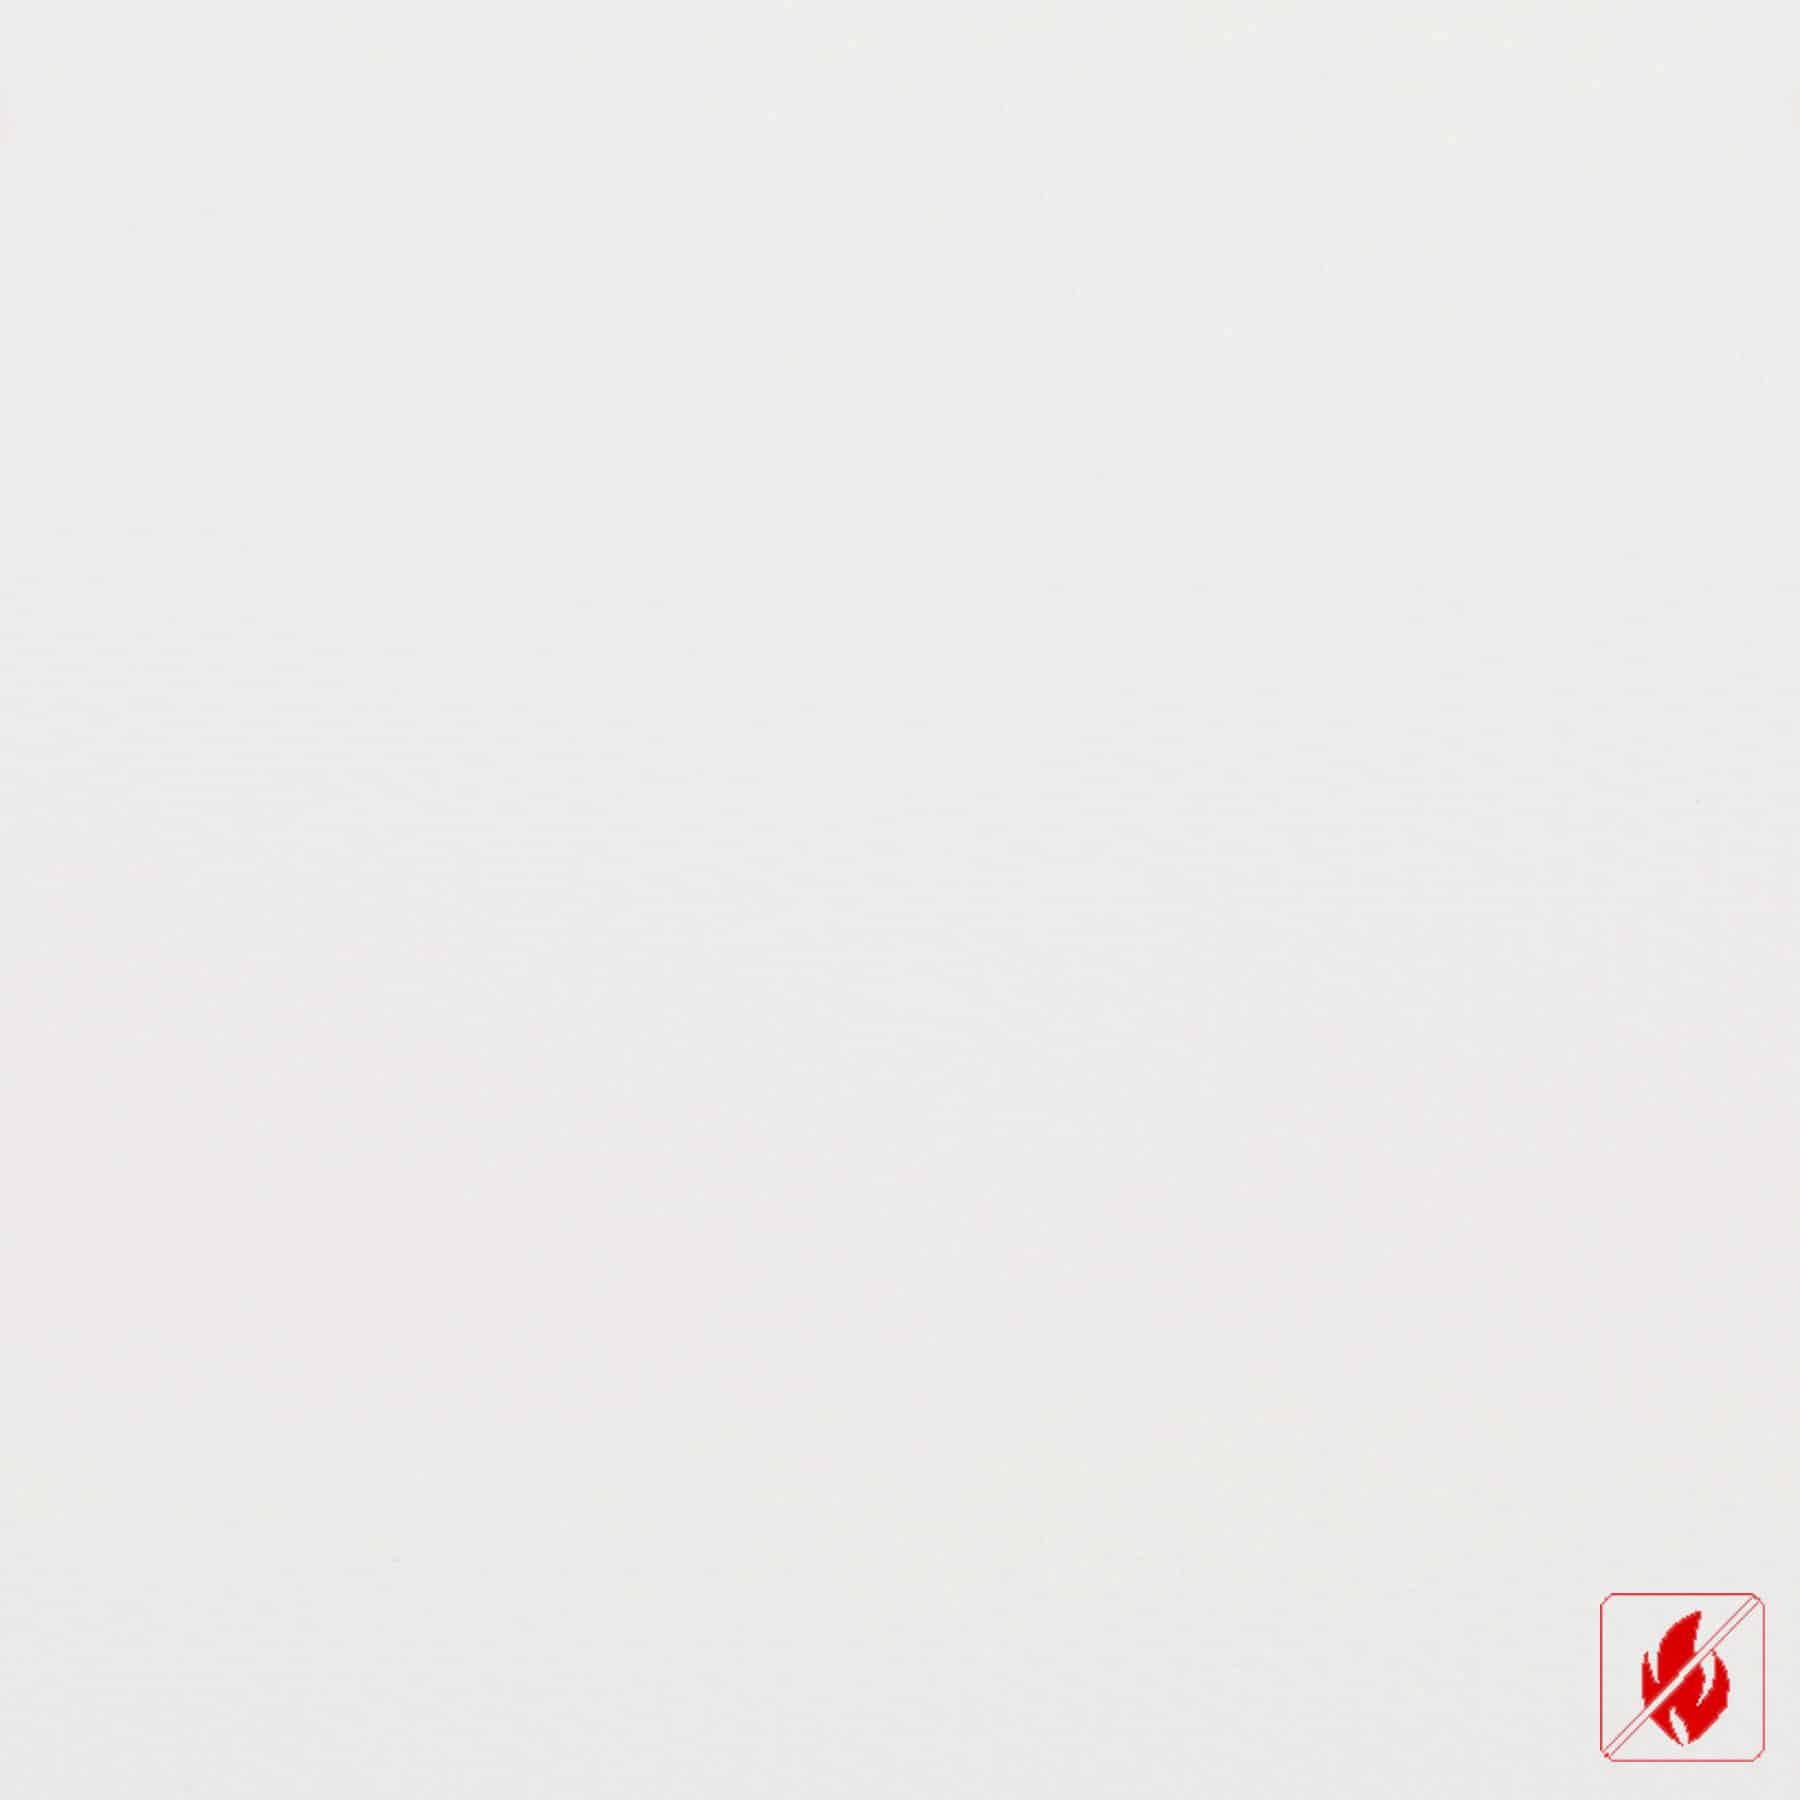 RE1202 (PVC doek) - Badkamer